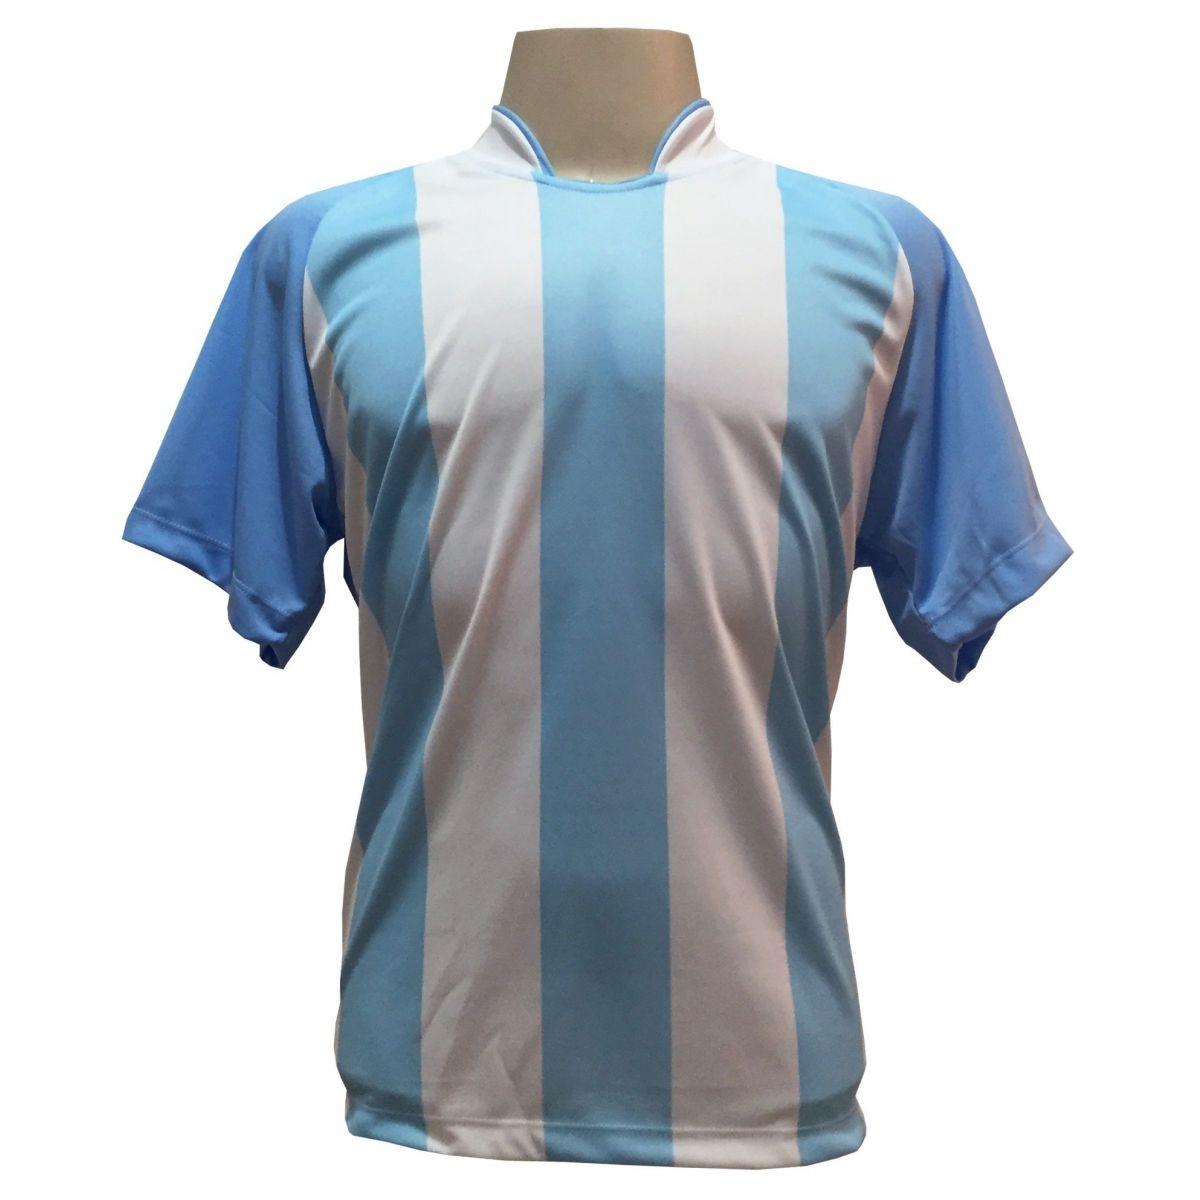 Uniforme Esportivo com 12 Camisas modelo Milan Celeste/Branco + 12 Calções modelo Madrid Marinho + 12 Pares de meiões Marinho